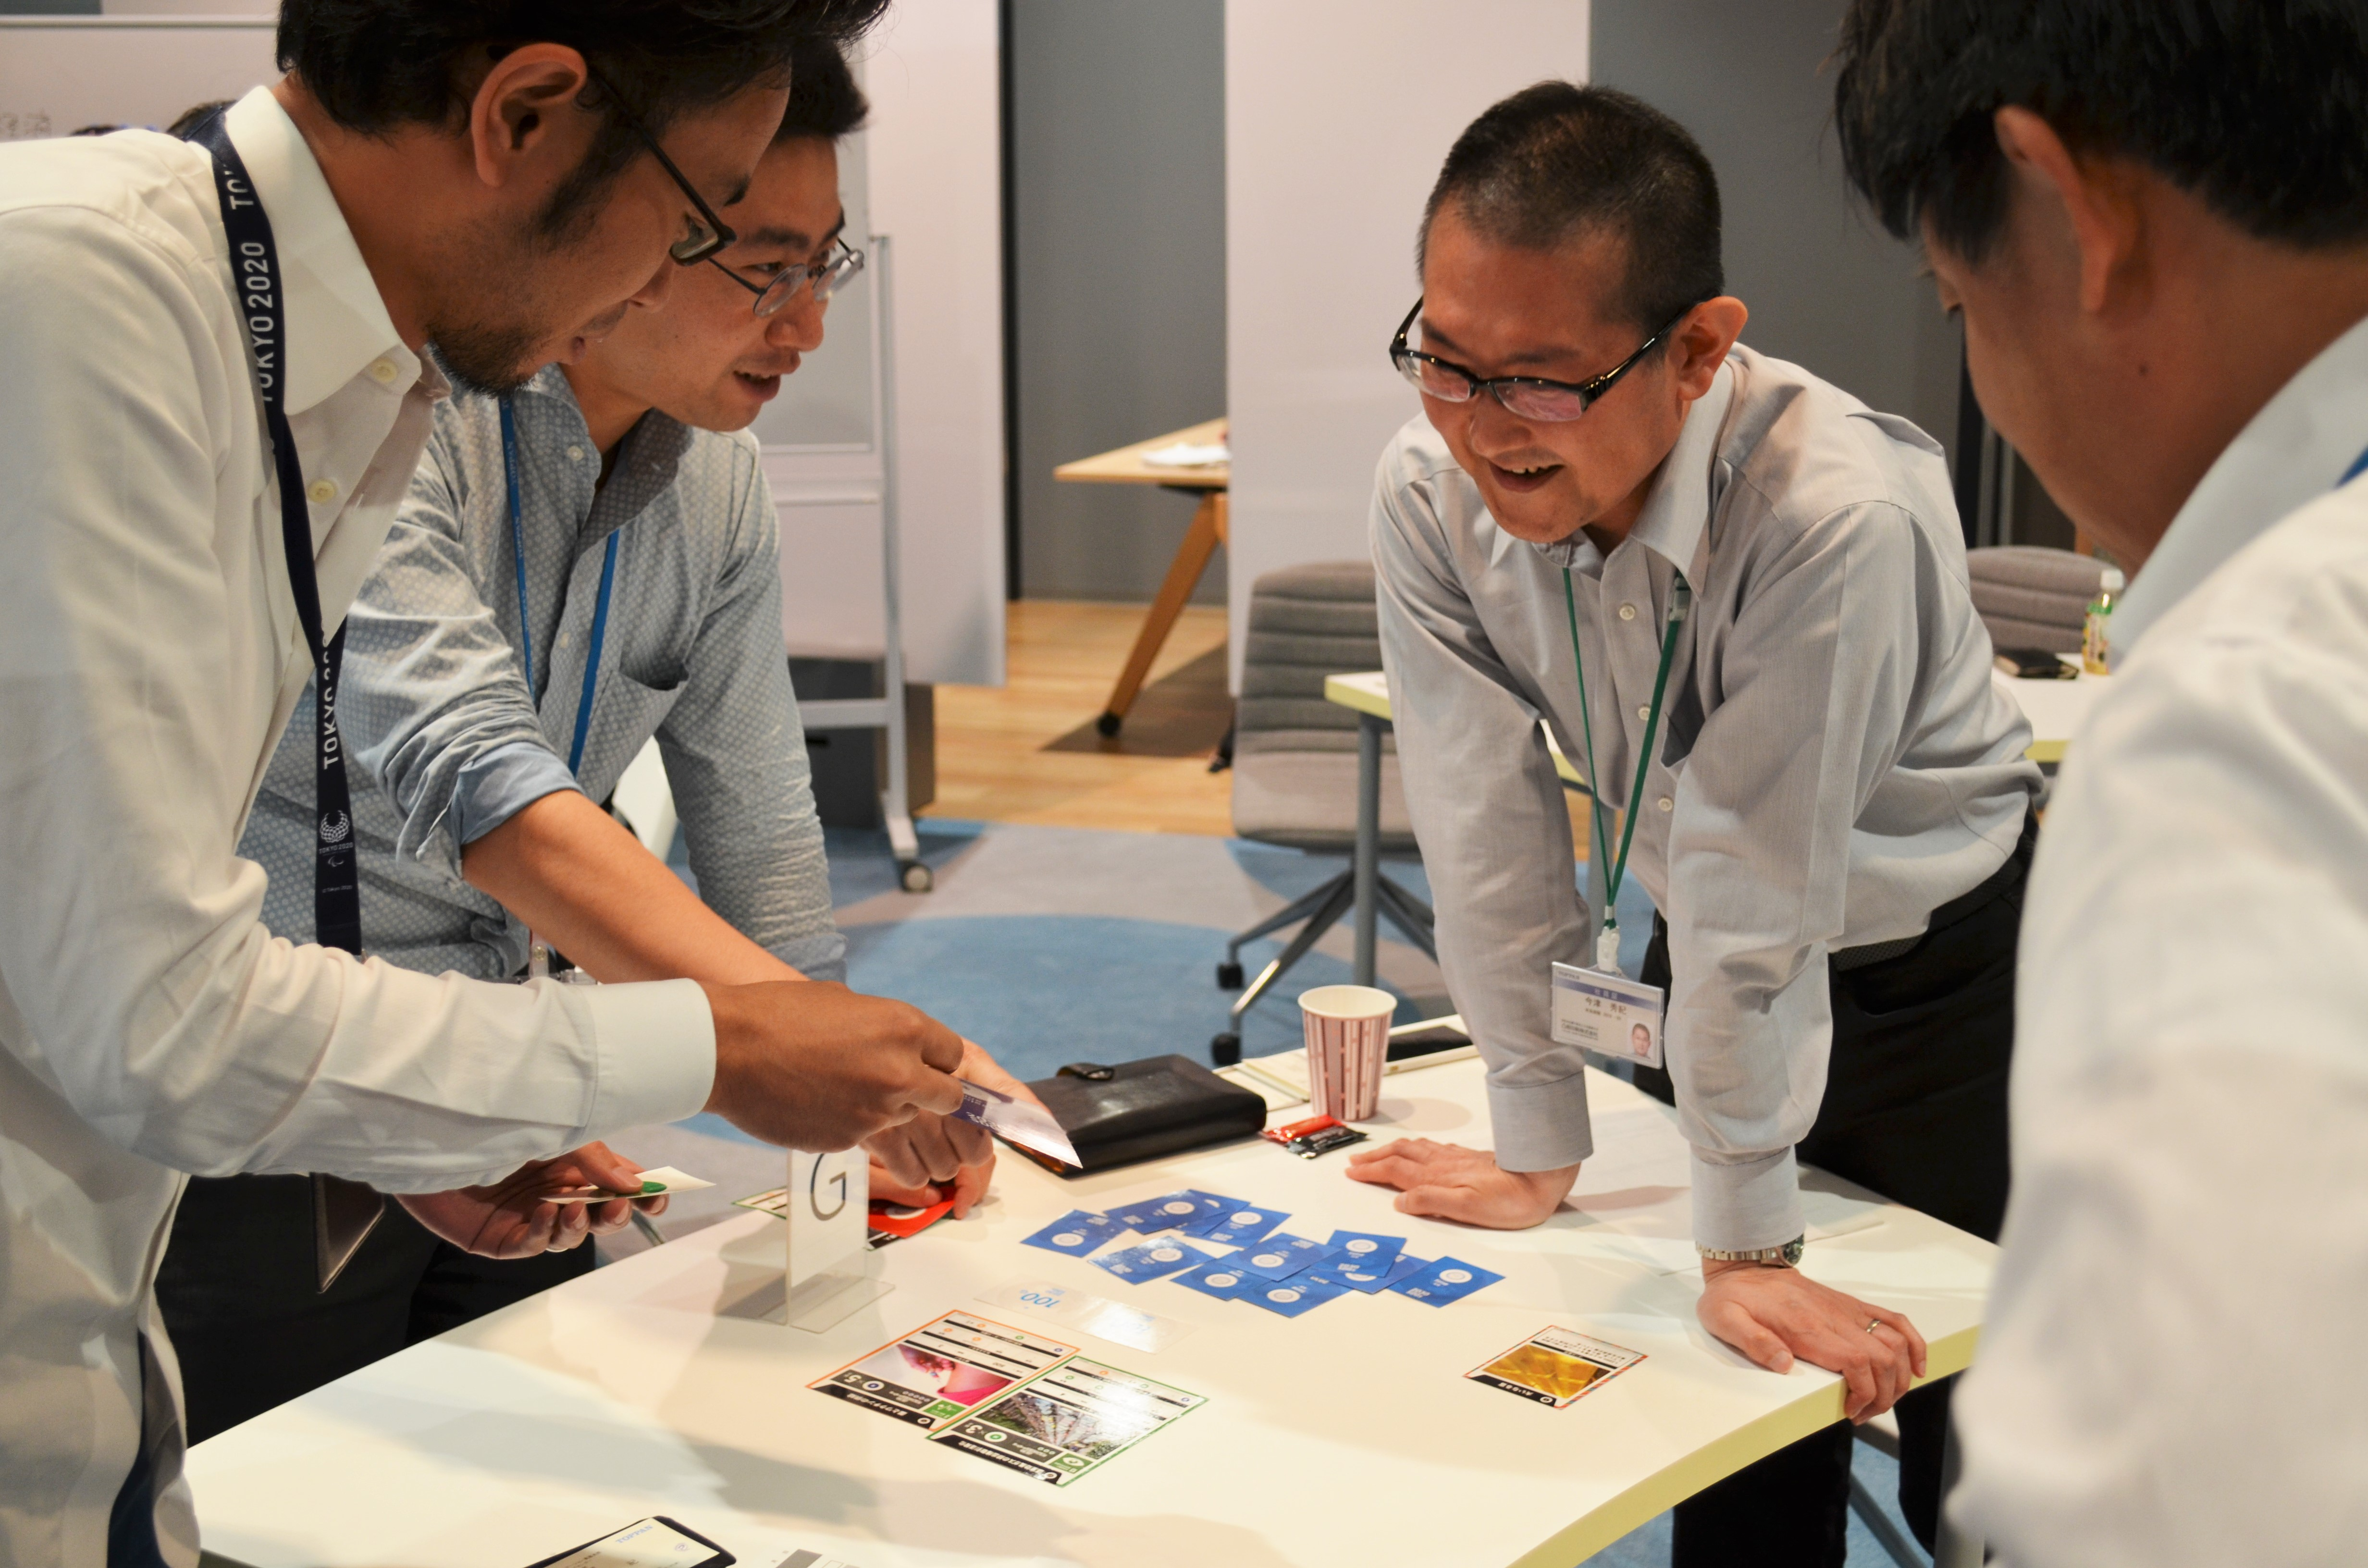 【イマココラボ主催】【12/15広島開催】ゲームで体感するSDGs 自分と世界のつながり